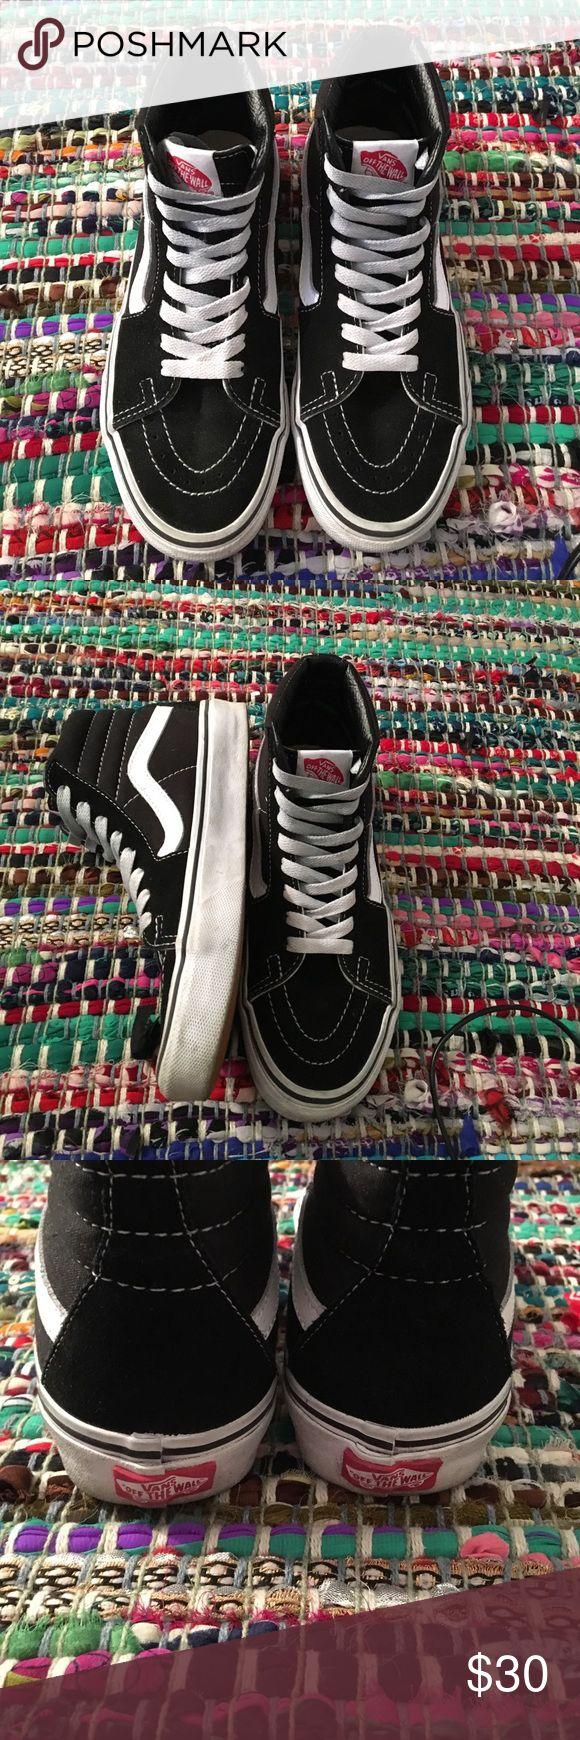 Sk8 hi vans High top vans! Not worn very often and in really great condition!! Vans Shoes Sneakers